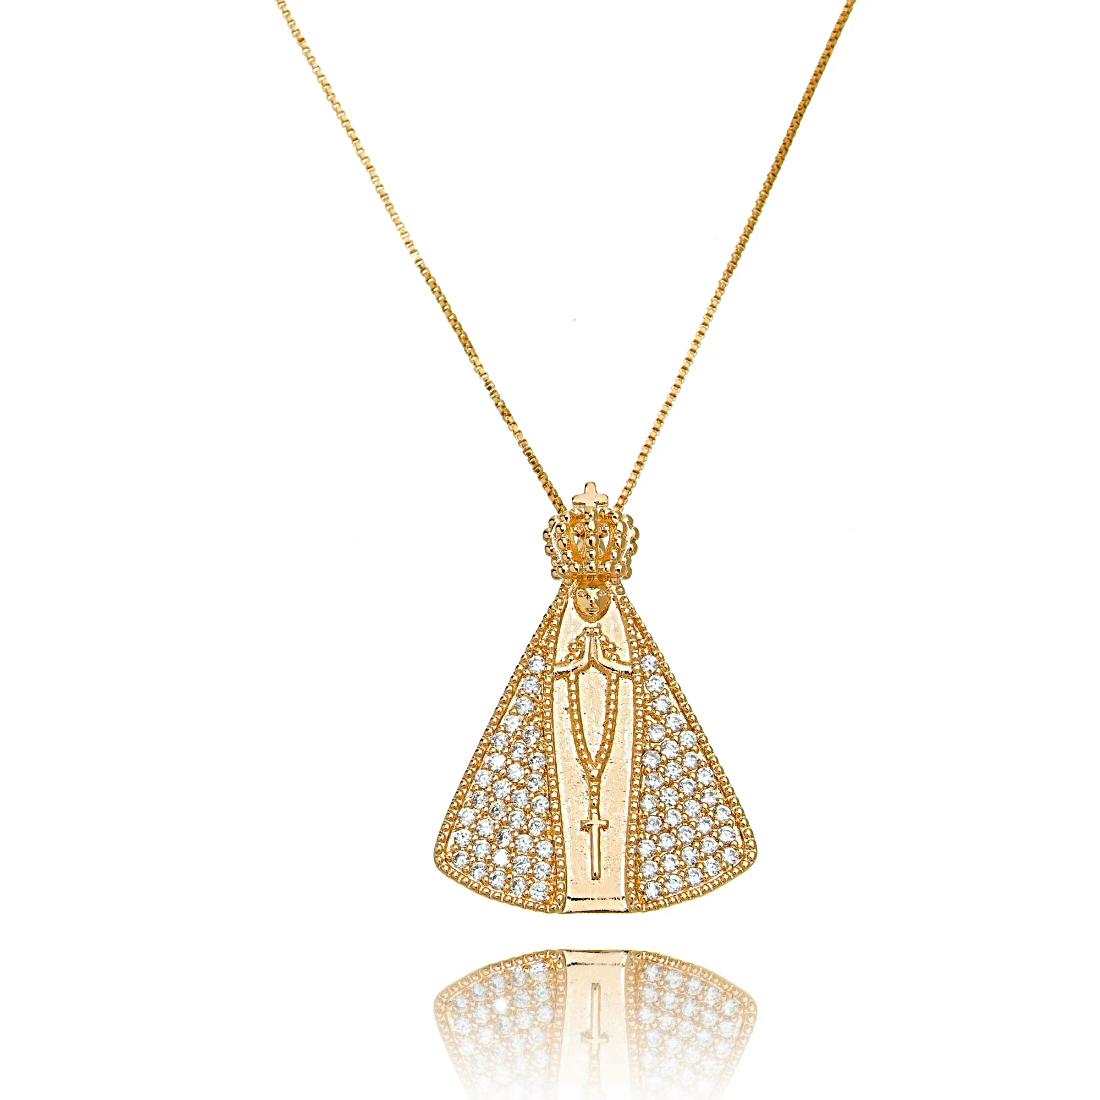 Colar Nossa Senhora Aparecida Micro Zircônia Branca Grande Semijoia Luxo Ouro Rosé  - Soloyou